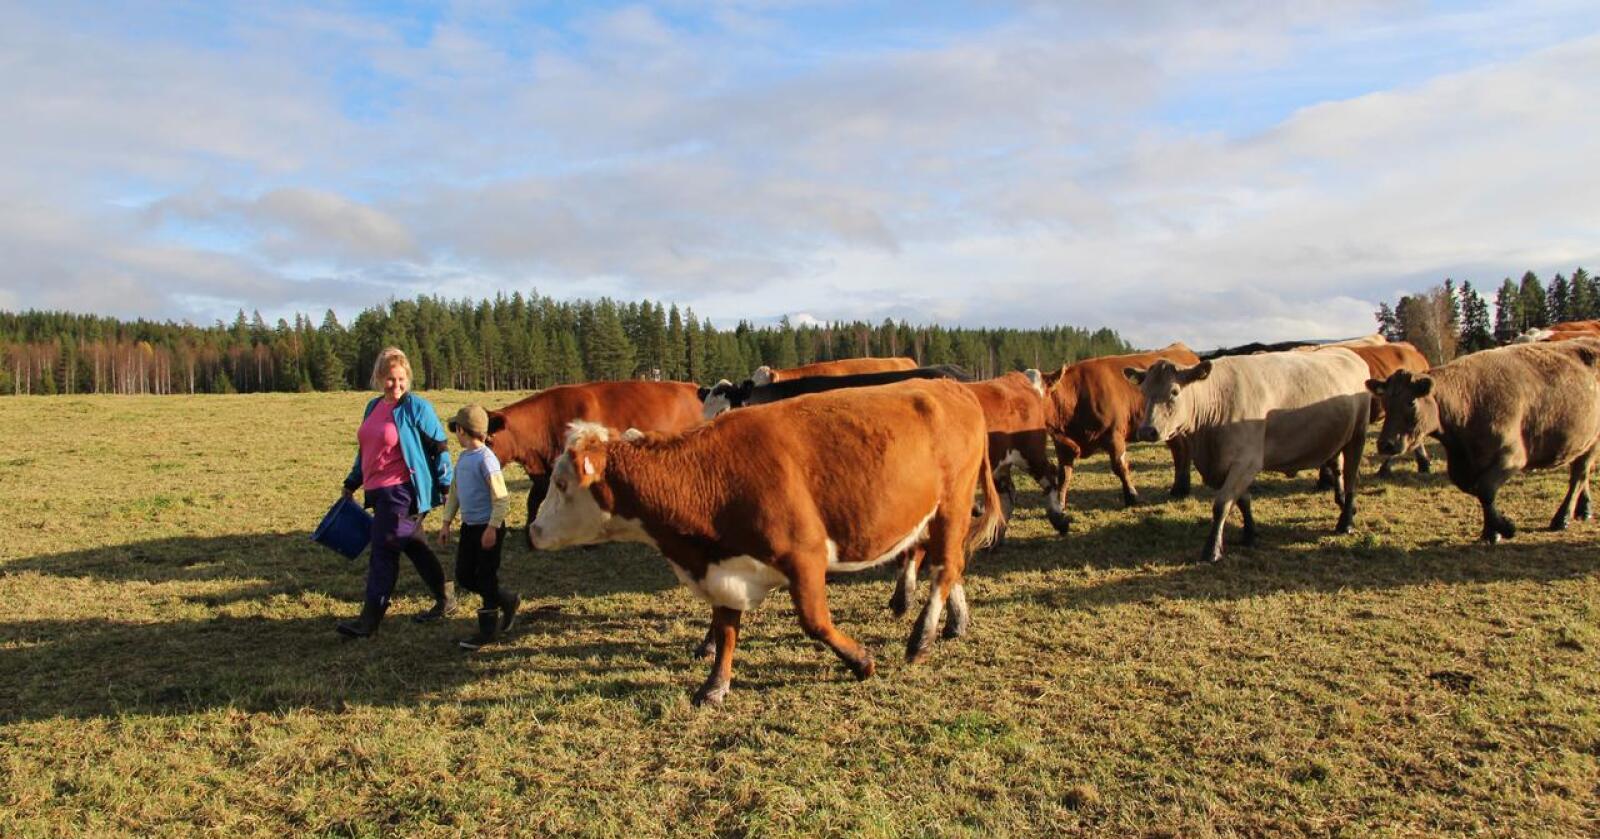 Kjøttkutt: Regjeringens kjøttvyer vil gjøre at 7 av 10 kjøttfebønder må vekk, skriver kronikørene.  Foto: Kristin Bergo